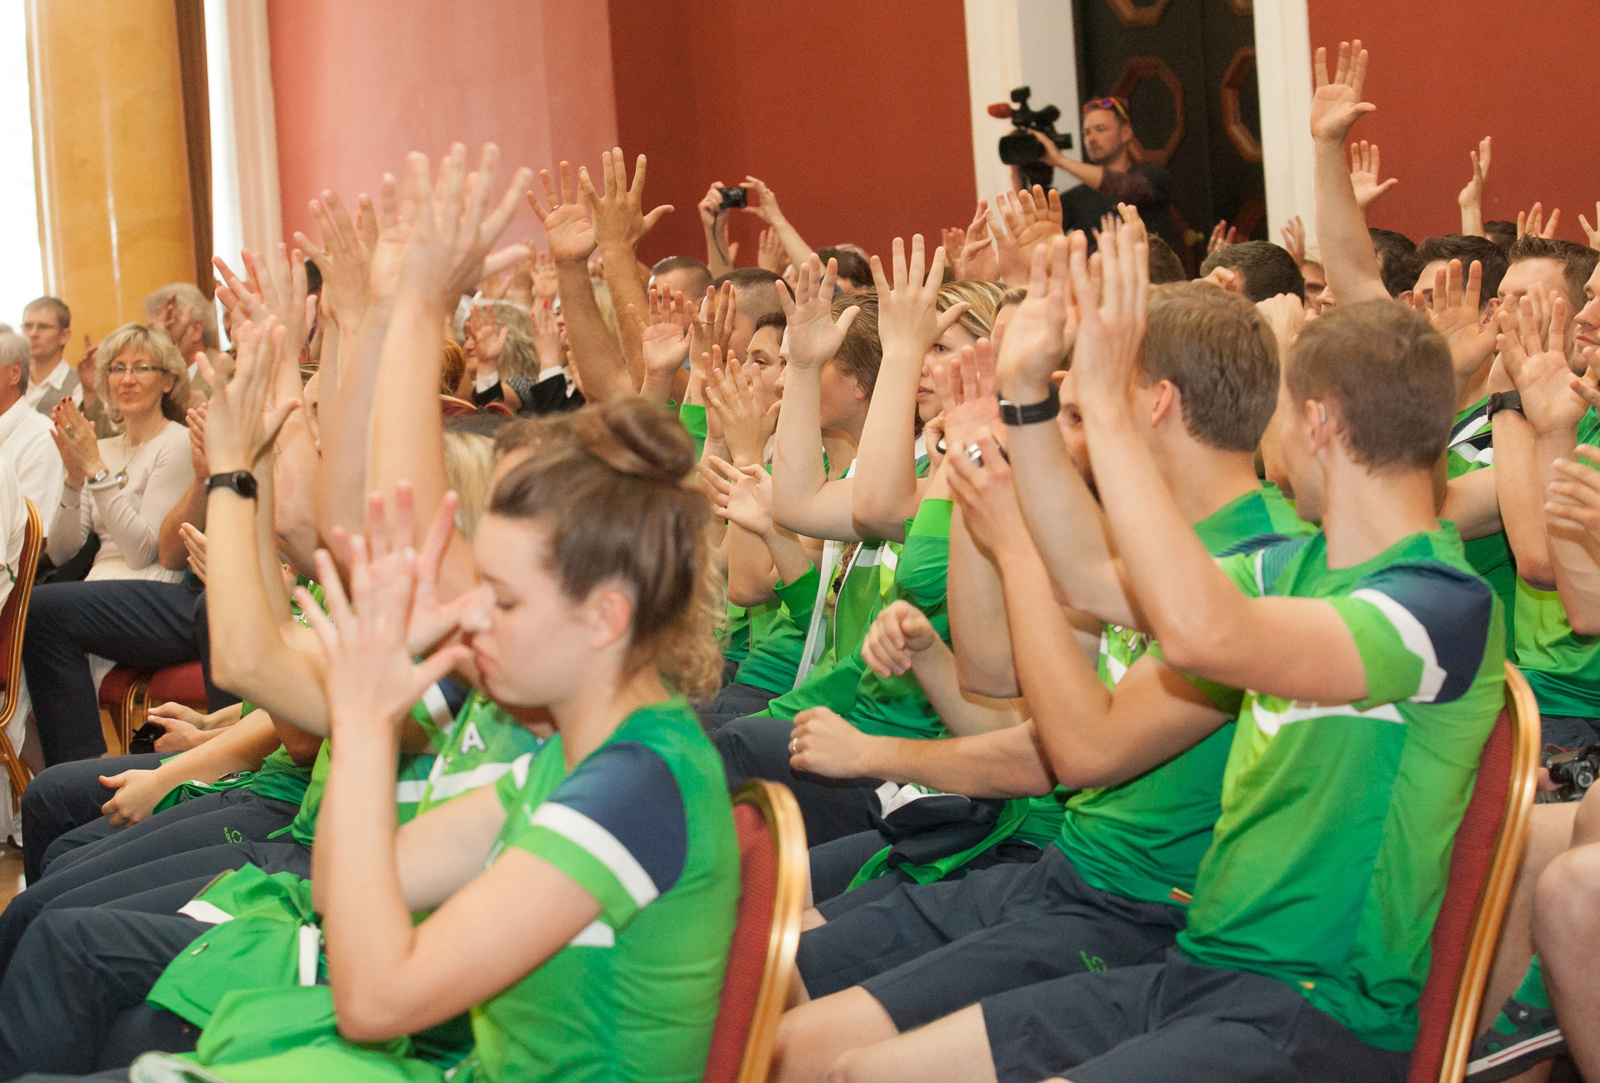 Lietuvos sportininkai išlydėti į Kurčiųjų olimpines žaidynes (FOTO)